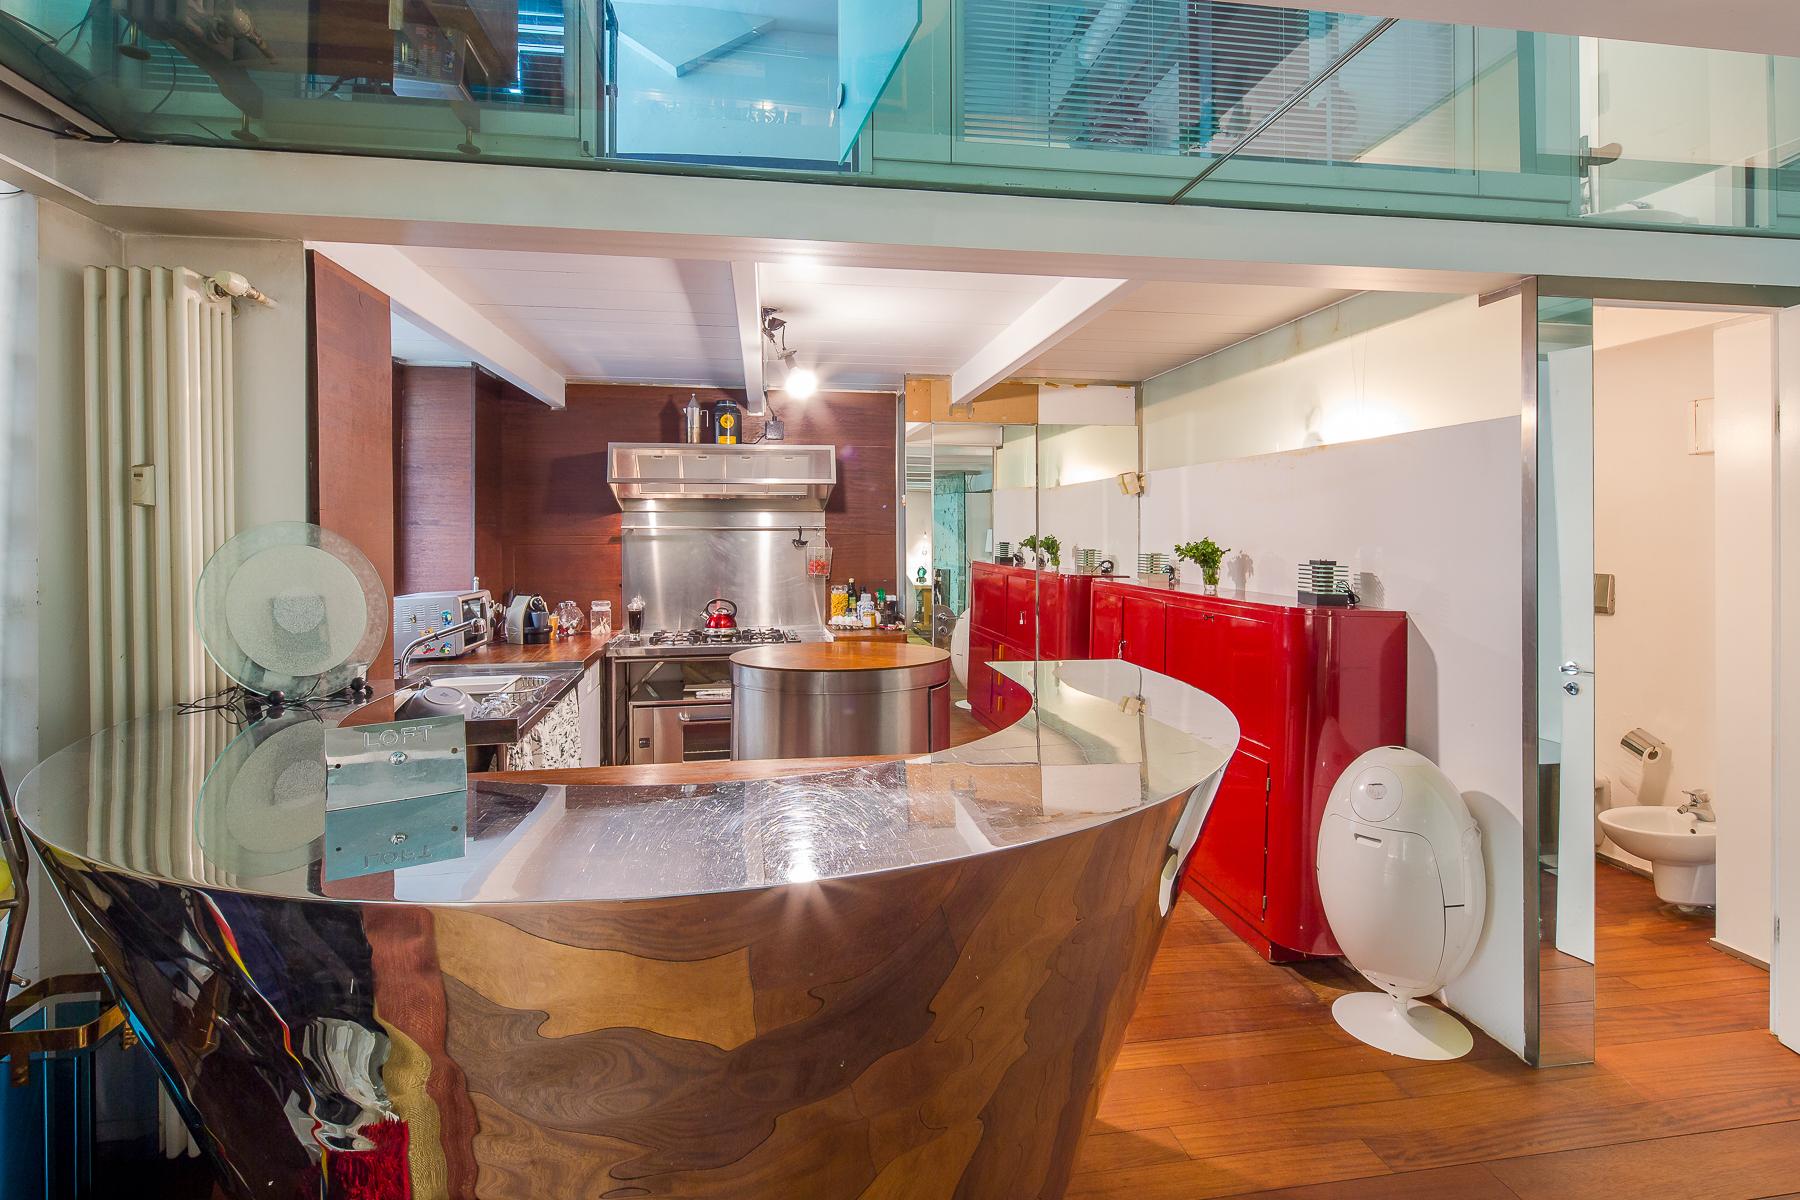 Casa indipendente in Vendita a Milano: 5 locali, 330 mq - Foto 9